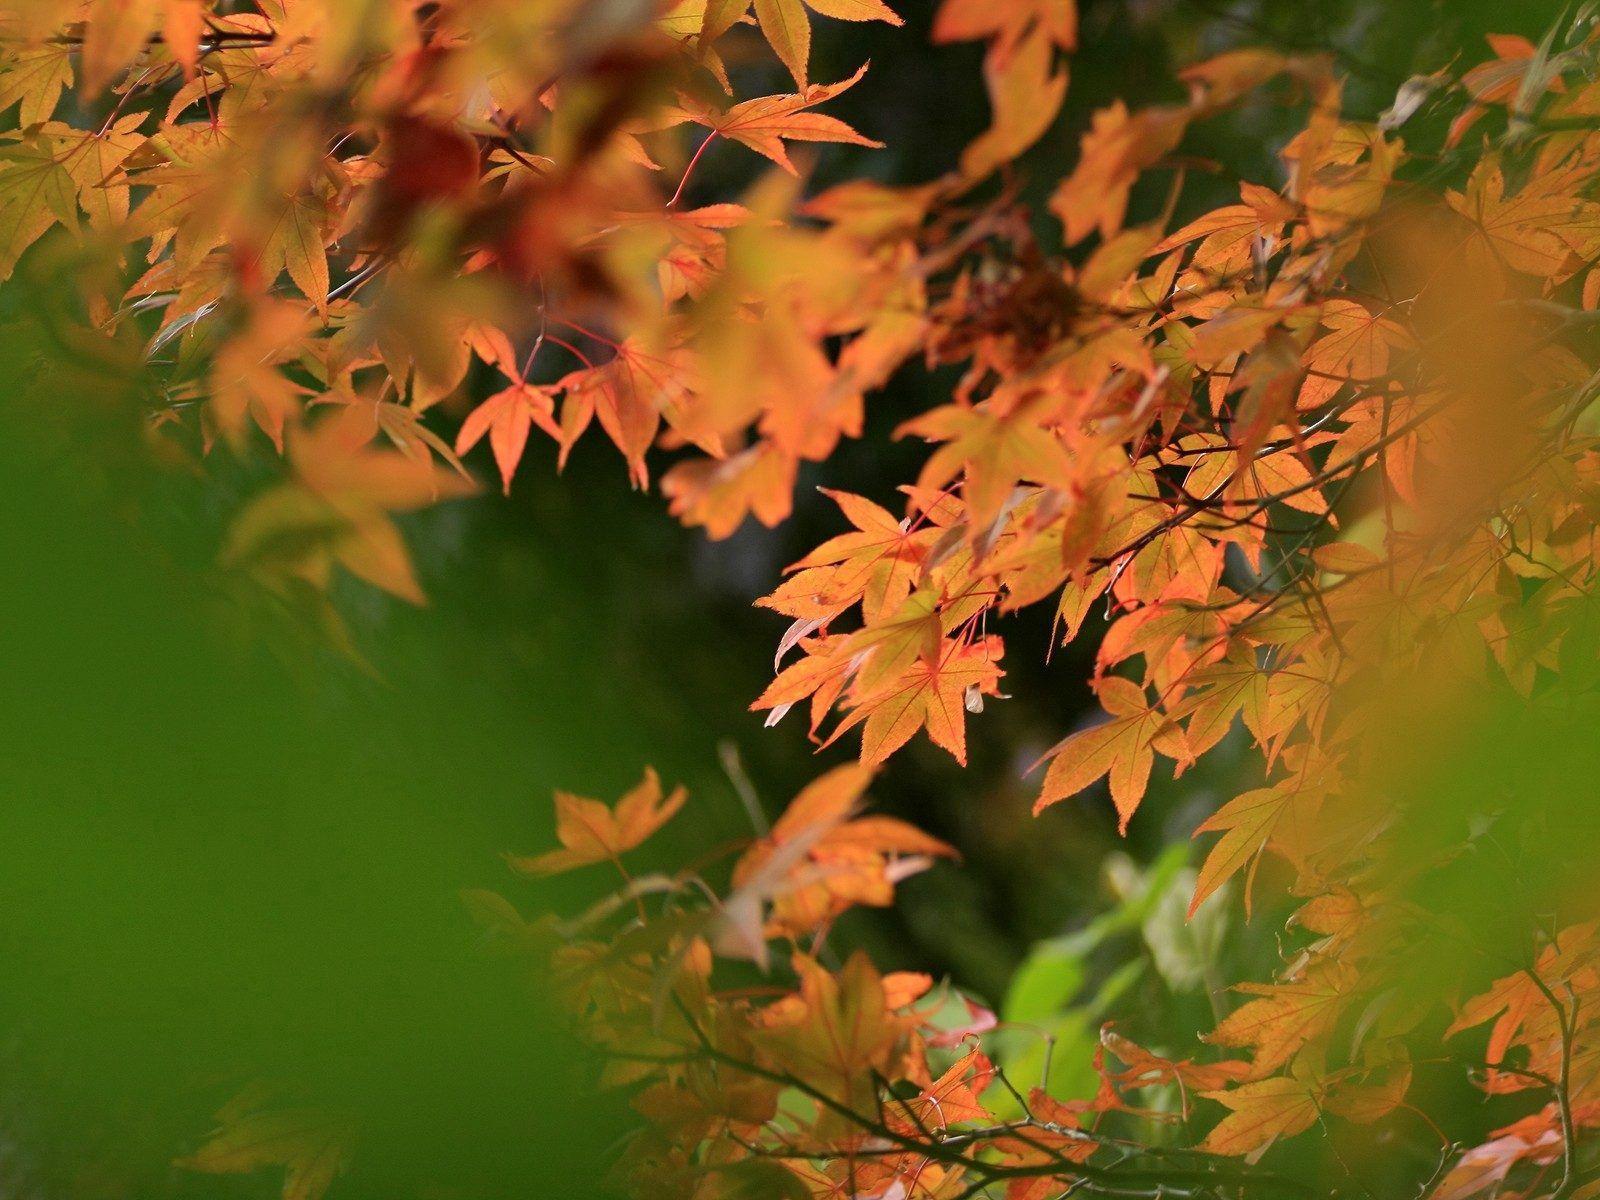 77276 скачать обои Природа, Листья, Осень, Размытость - заставки и картинки бесплатно